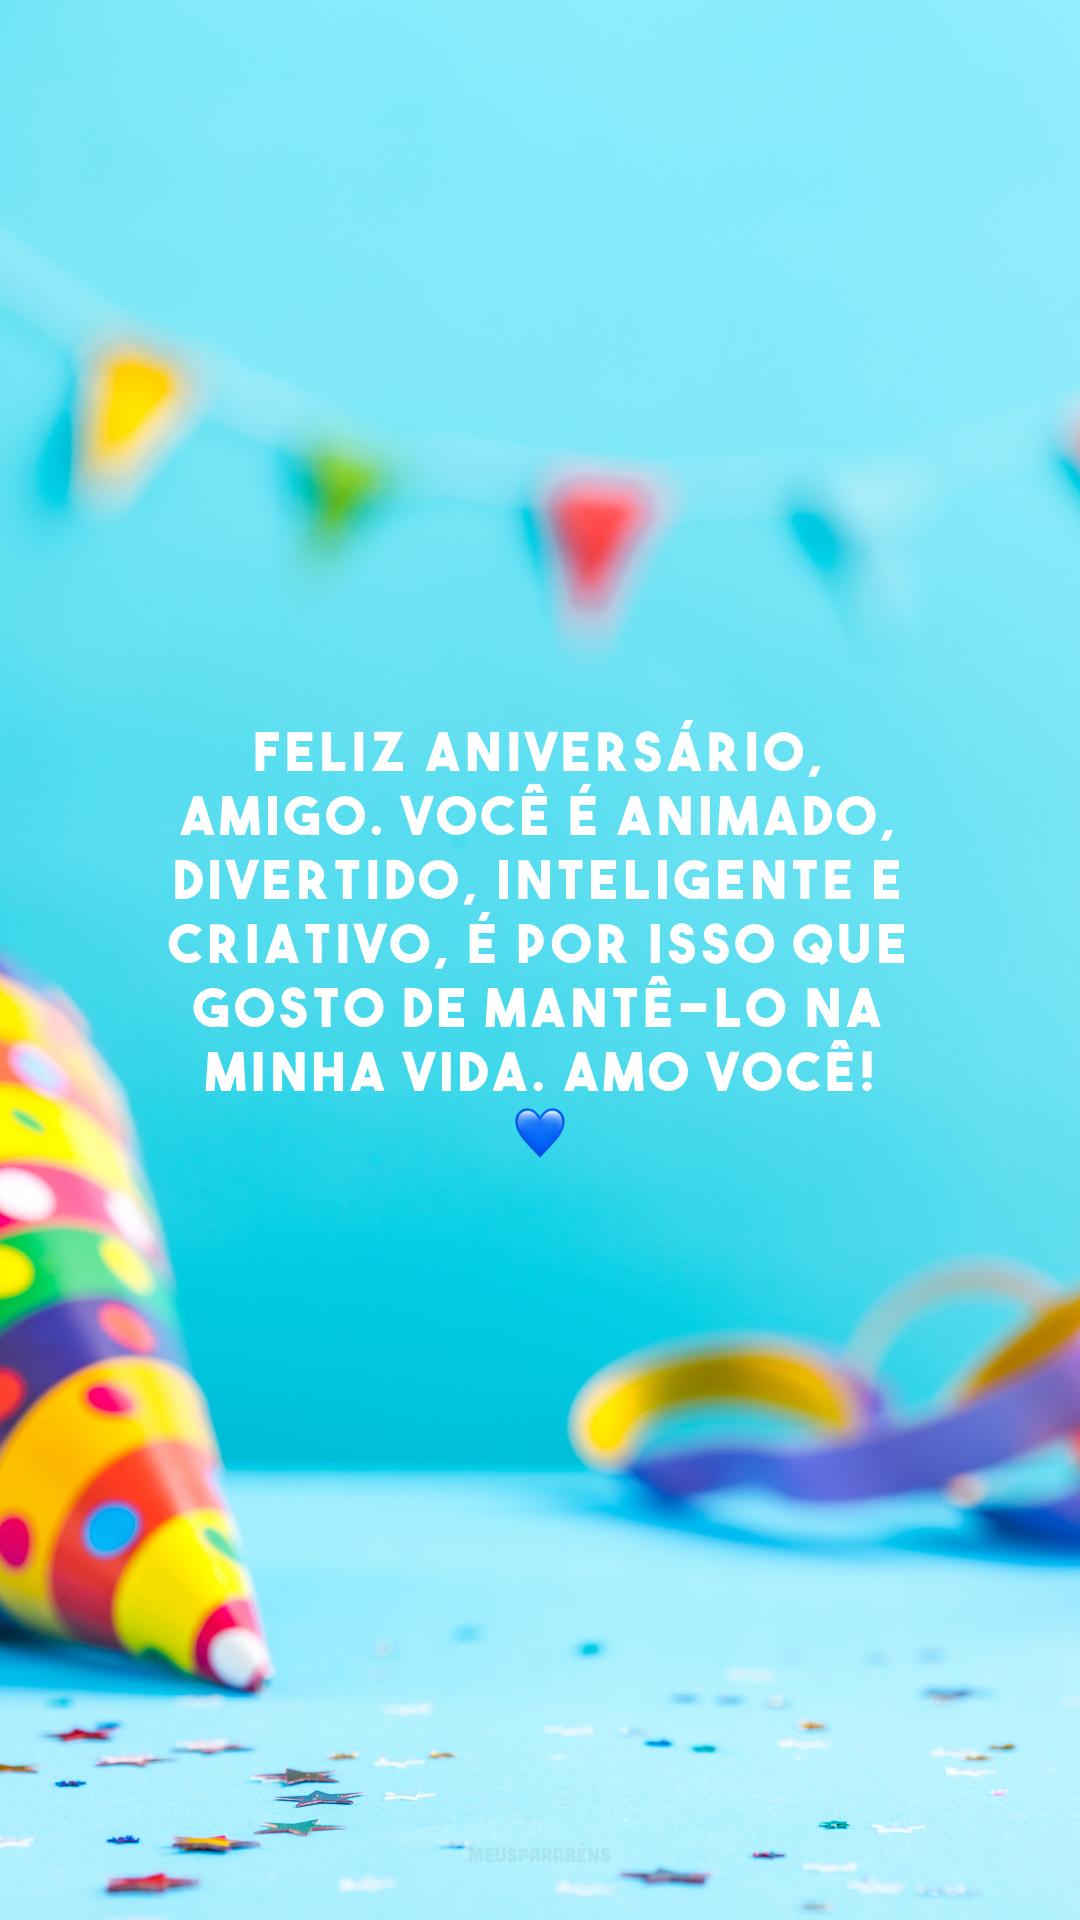 Feliz aniversário, amigo. Você é animado, divertido, inteligente e criativo, é por isso que gosto de mantê-lo na minha vida. Amo você! 💙